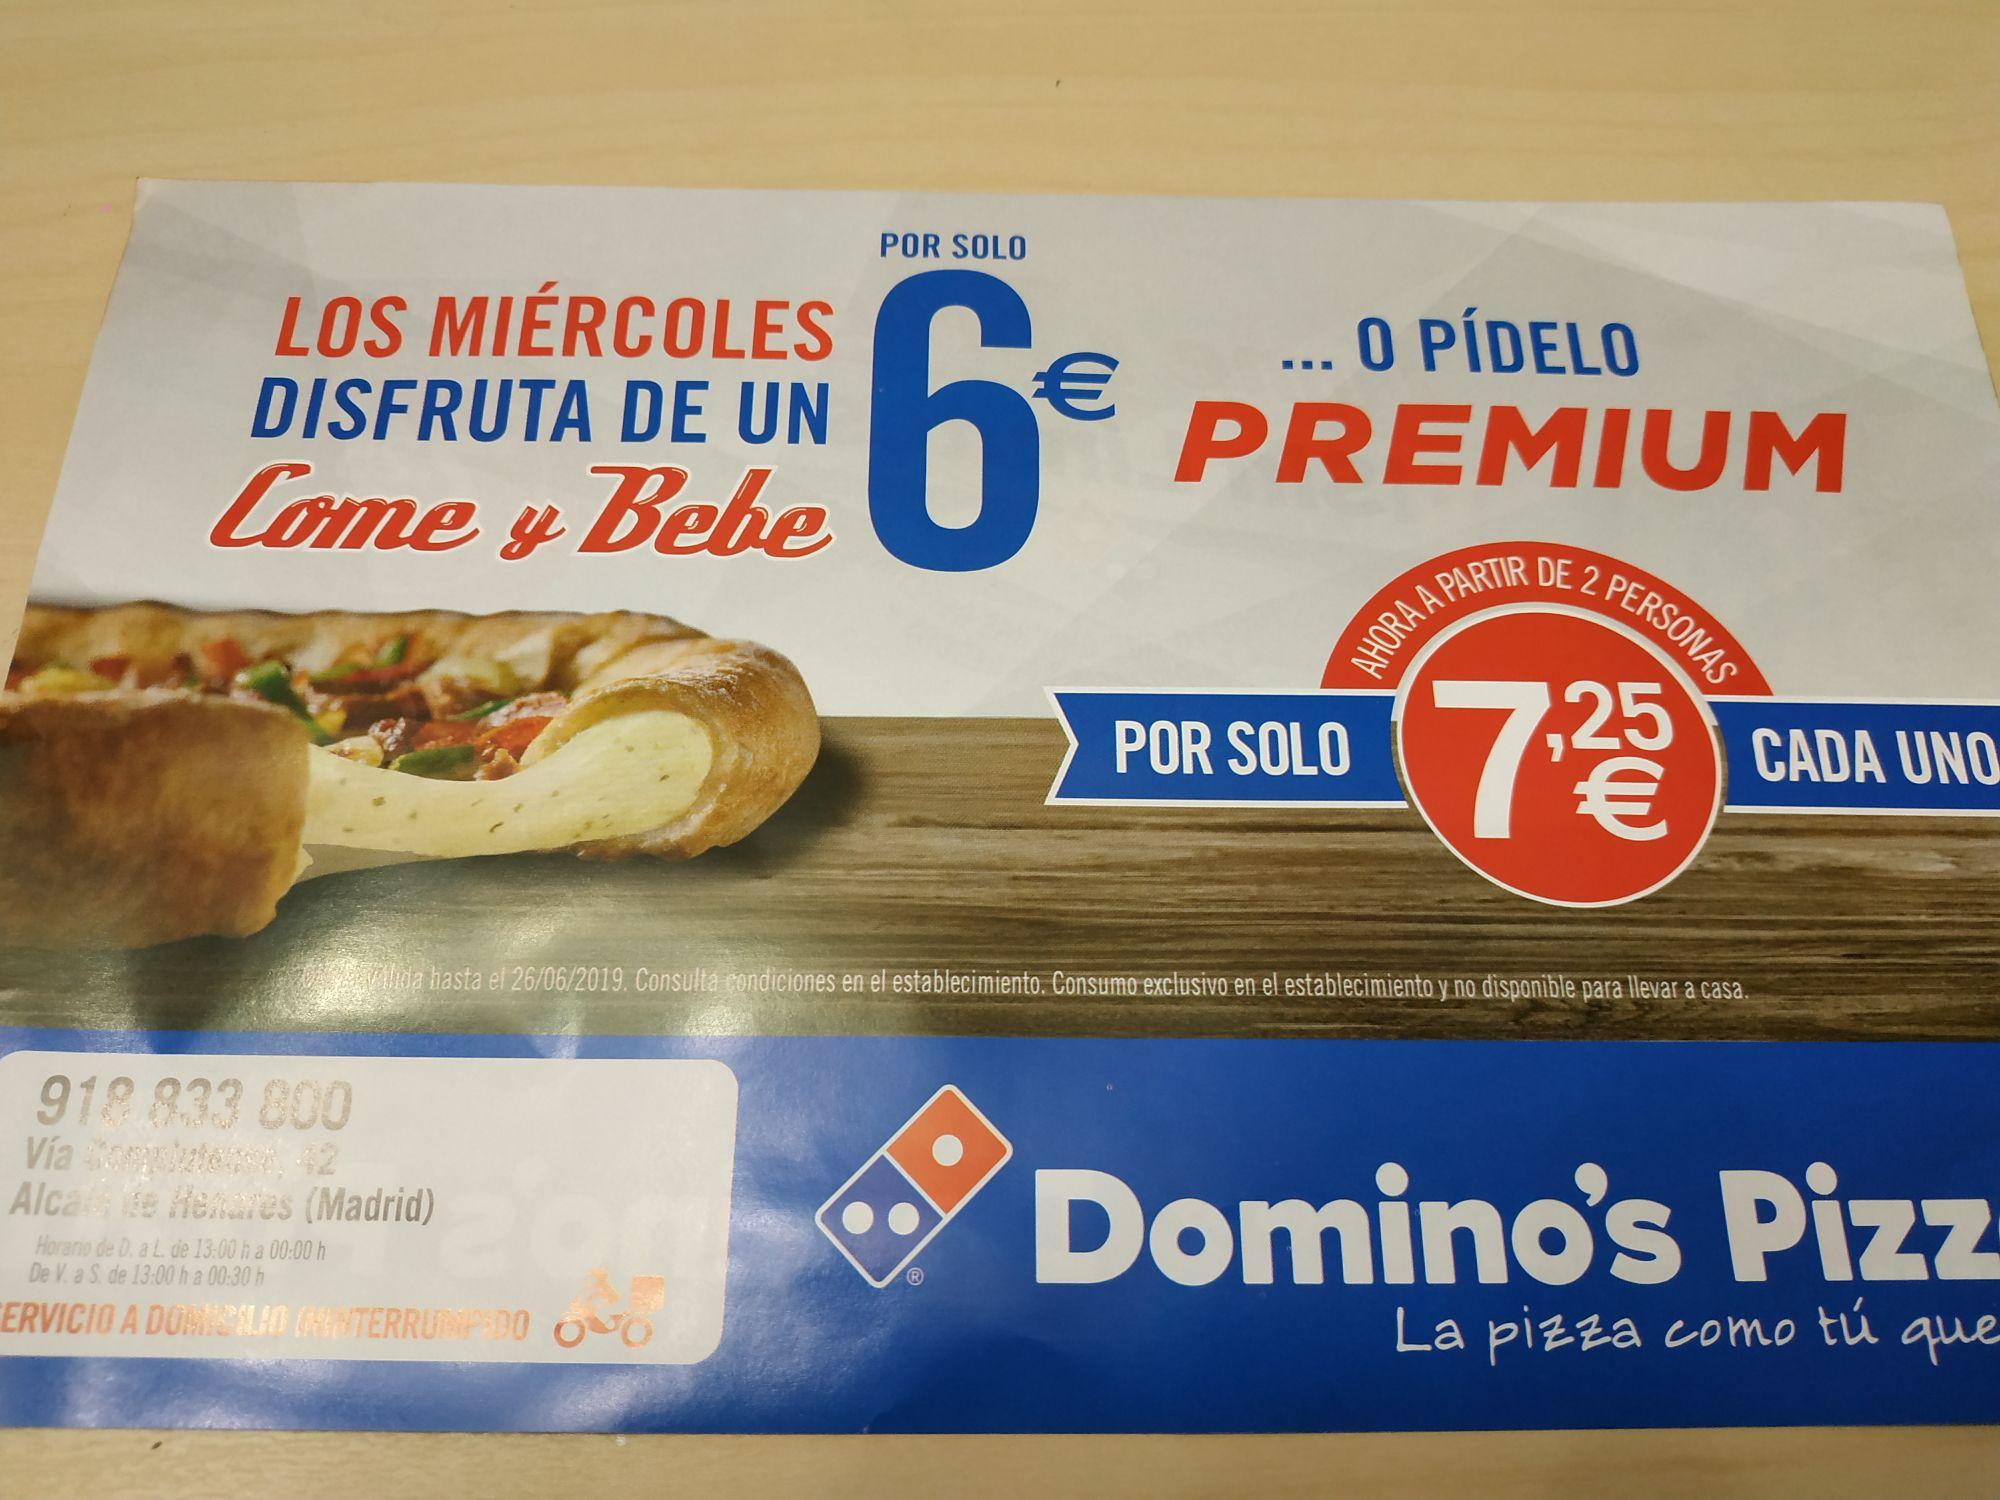 Come y bebe lo que quieras en Domino's Pizza